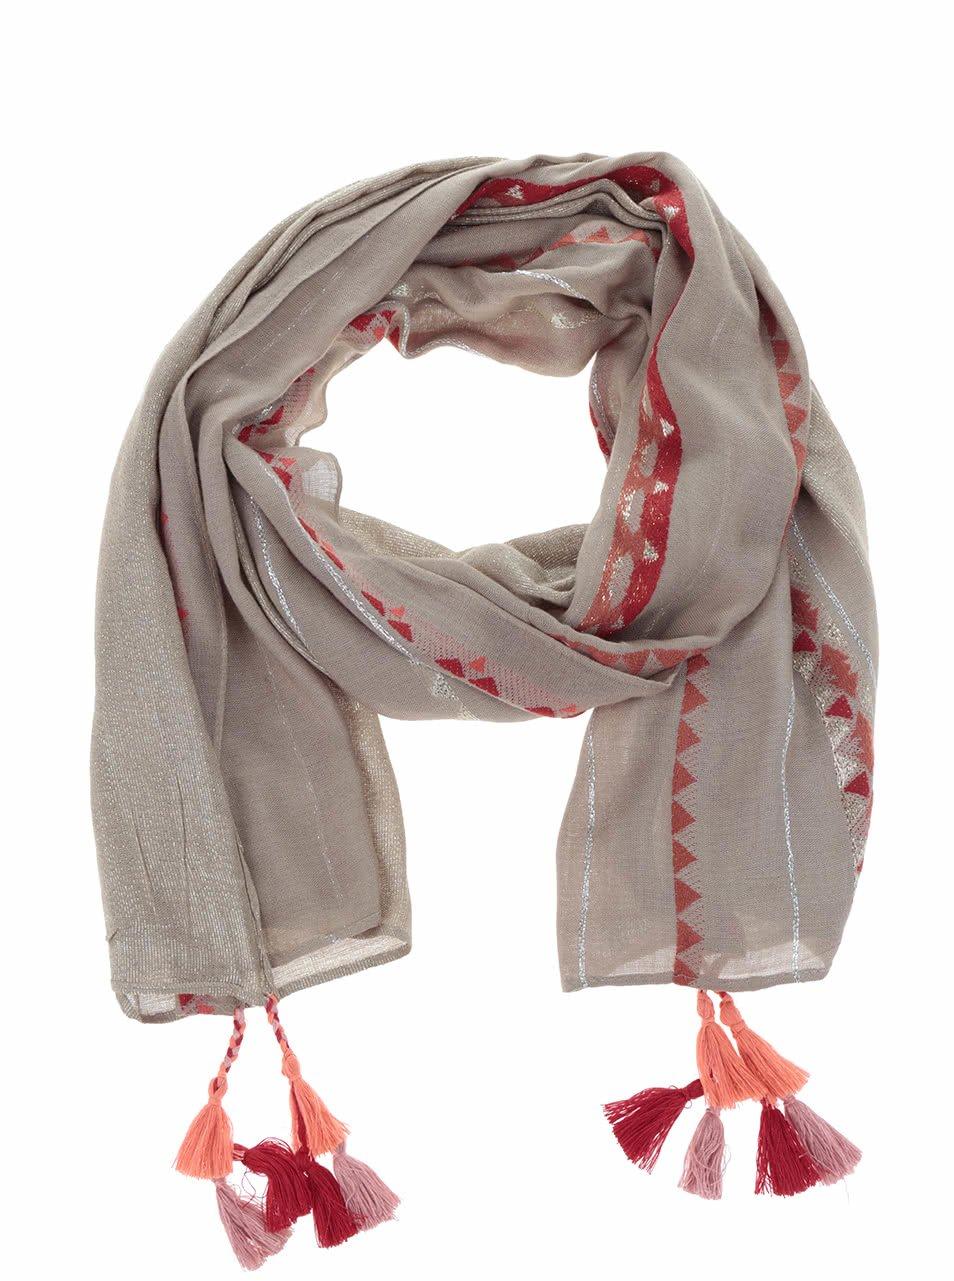 Béžový šátek s obrazci Desigual Rectangle Slim